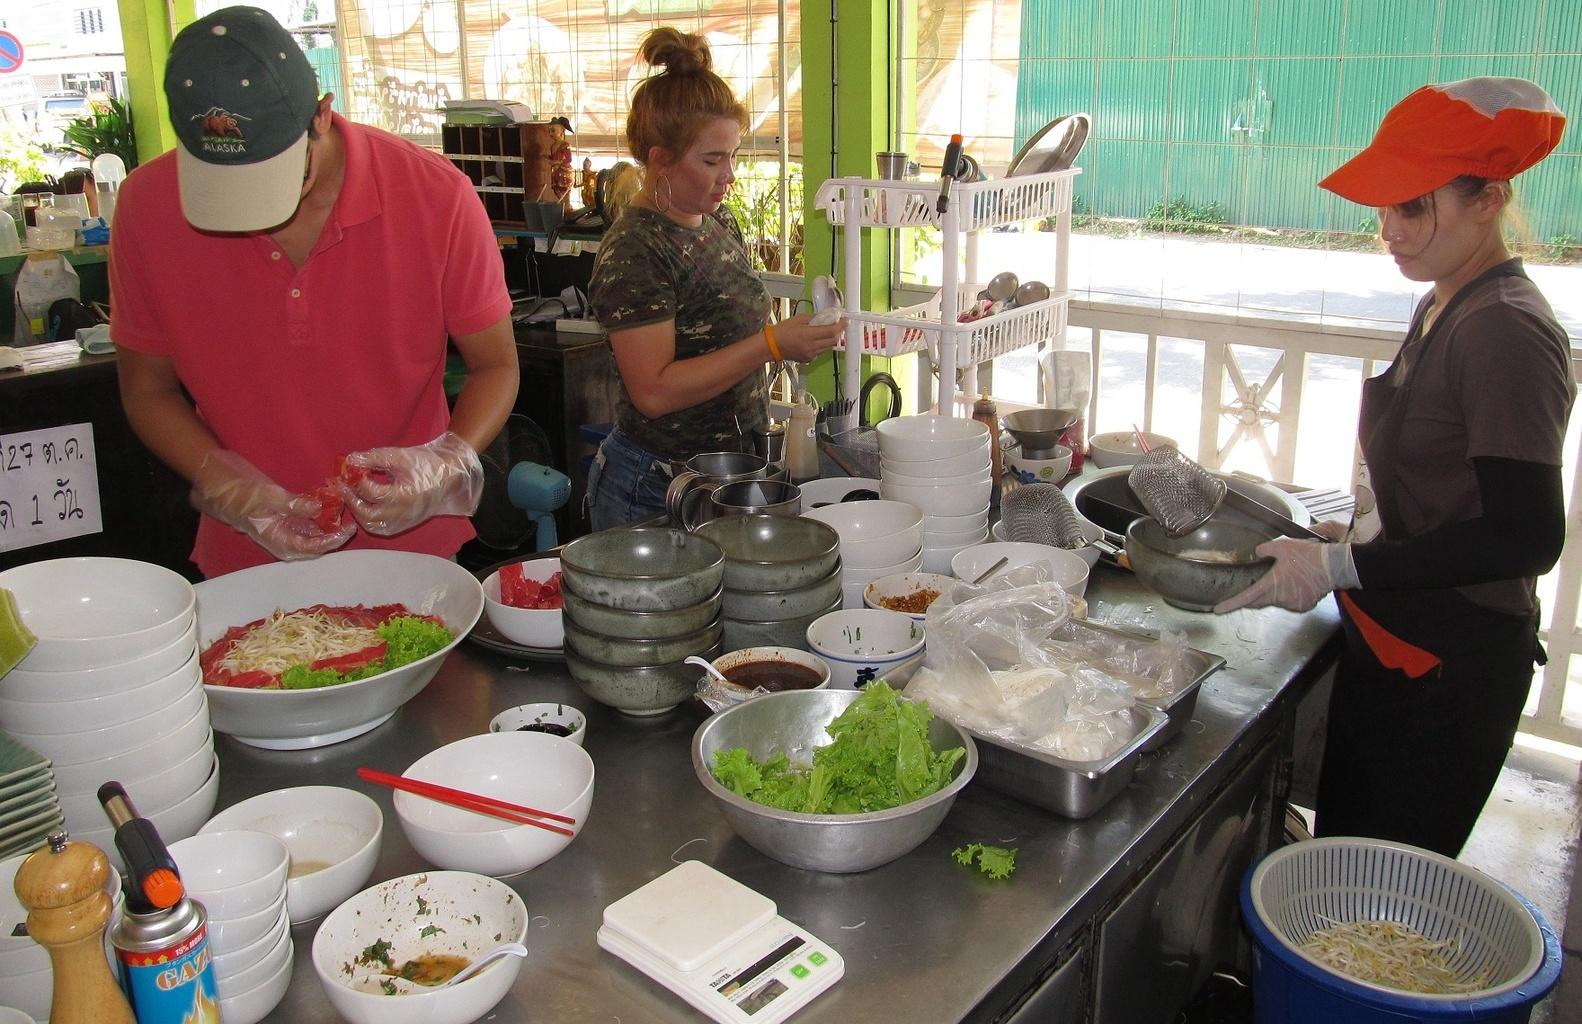 Kuchyně Restaurace Krua Toon